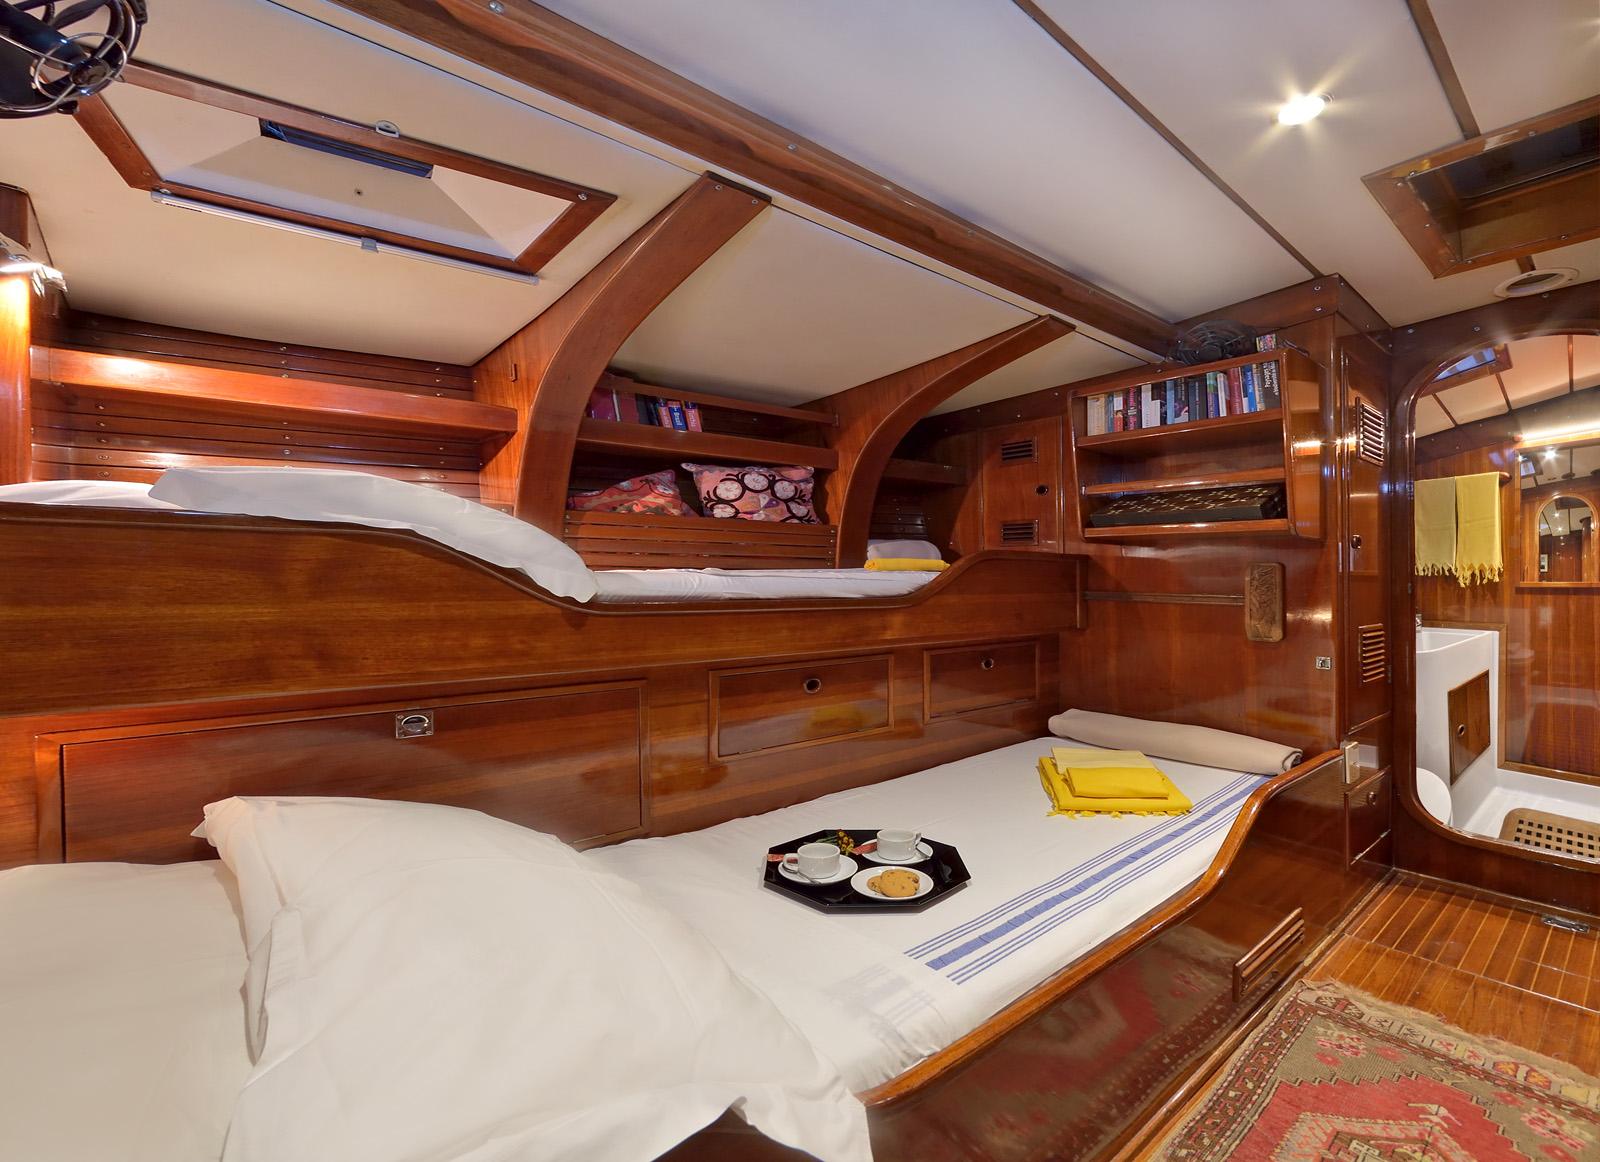 tangaroa bunk beds